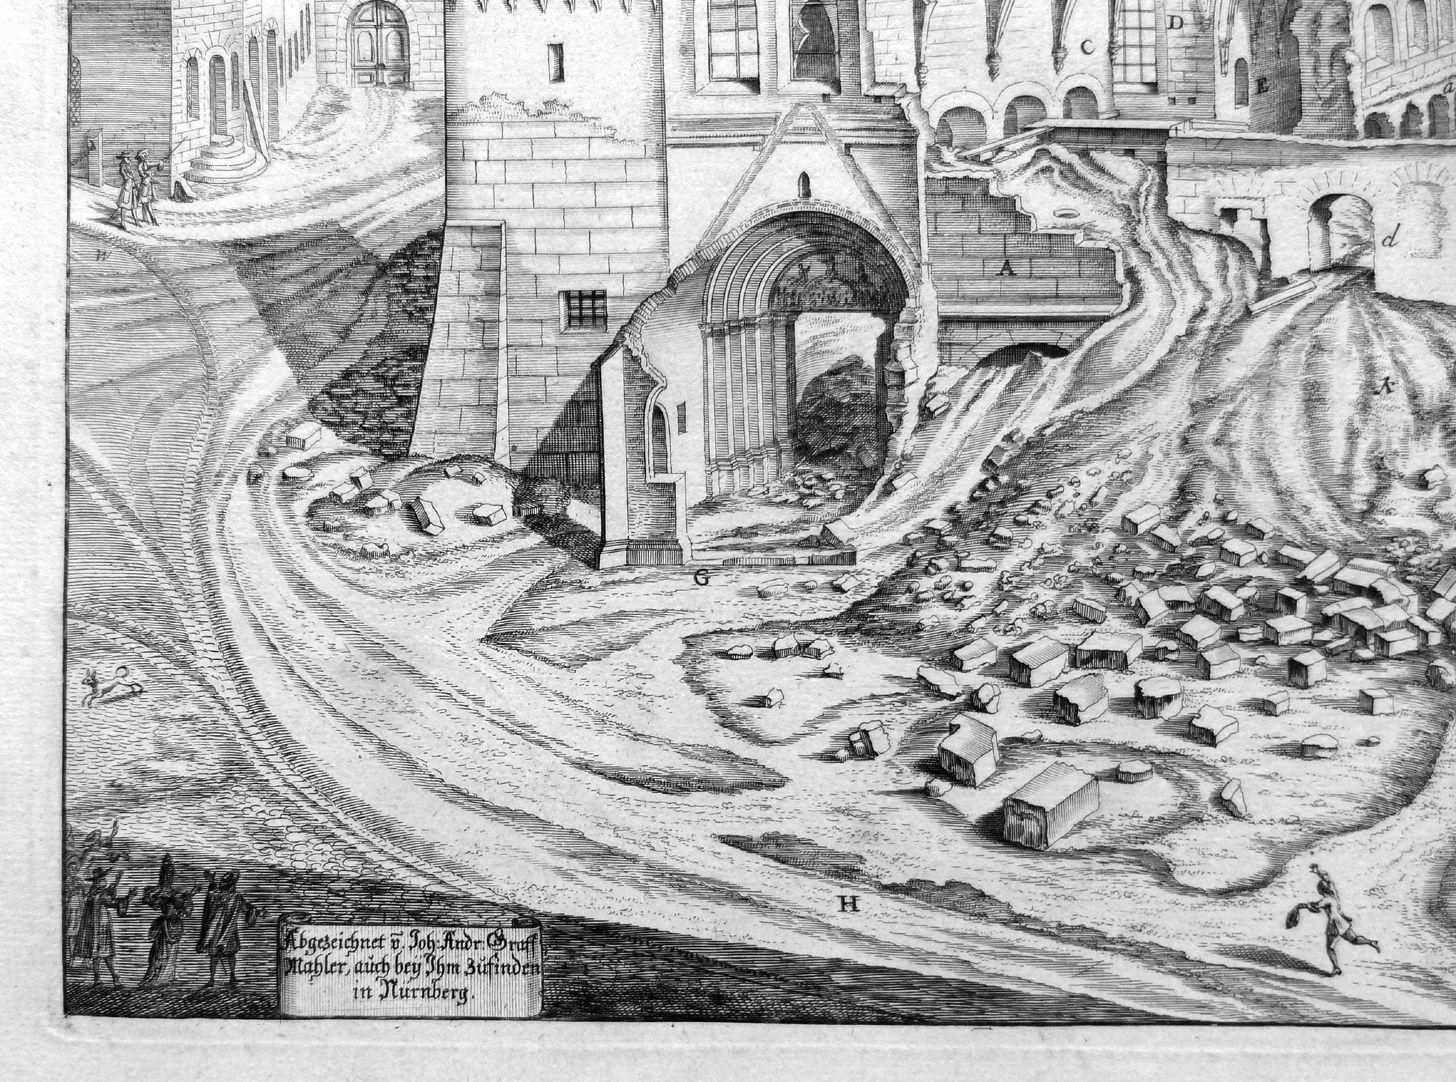 """""""Urbis Norimbergensis Insigniorum Templorum …"""" Ruine der Egidienkirche linkes unteres Bildviertel mit Signatur"""